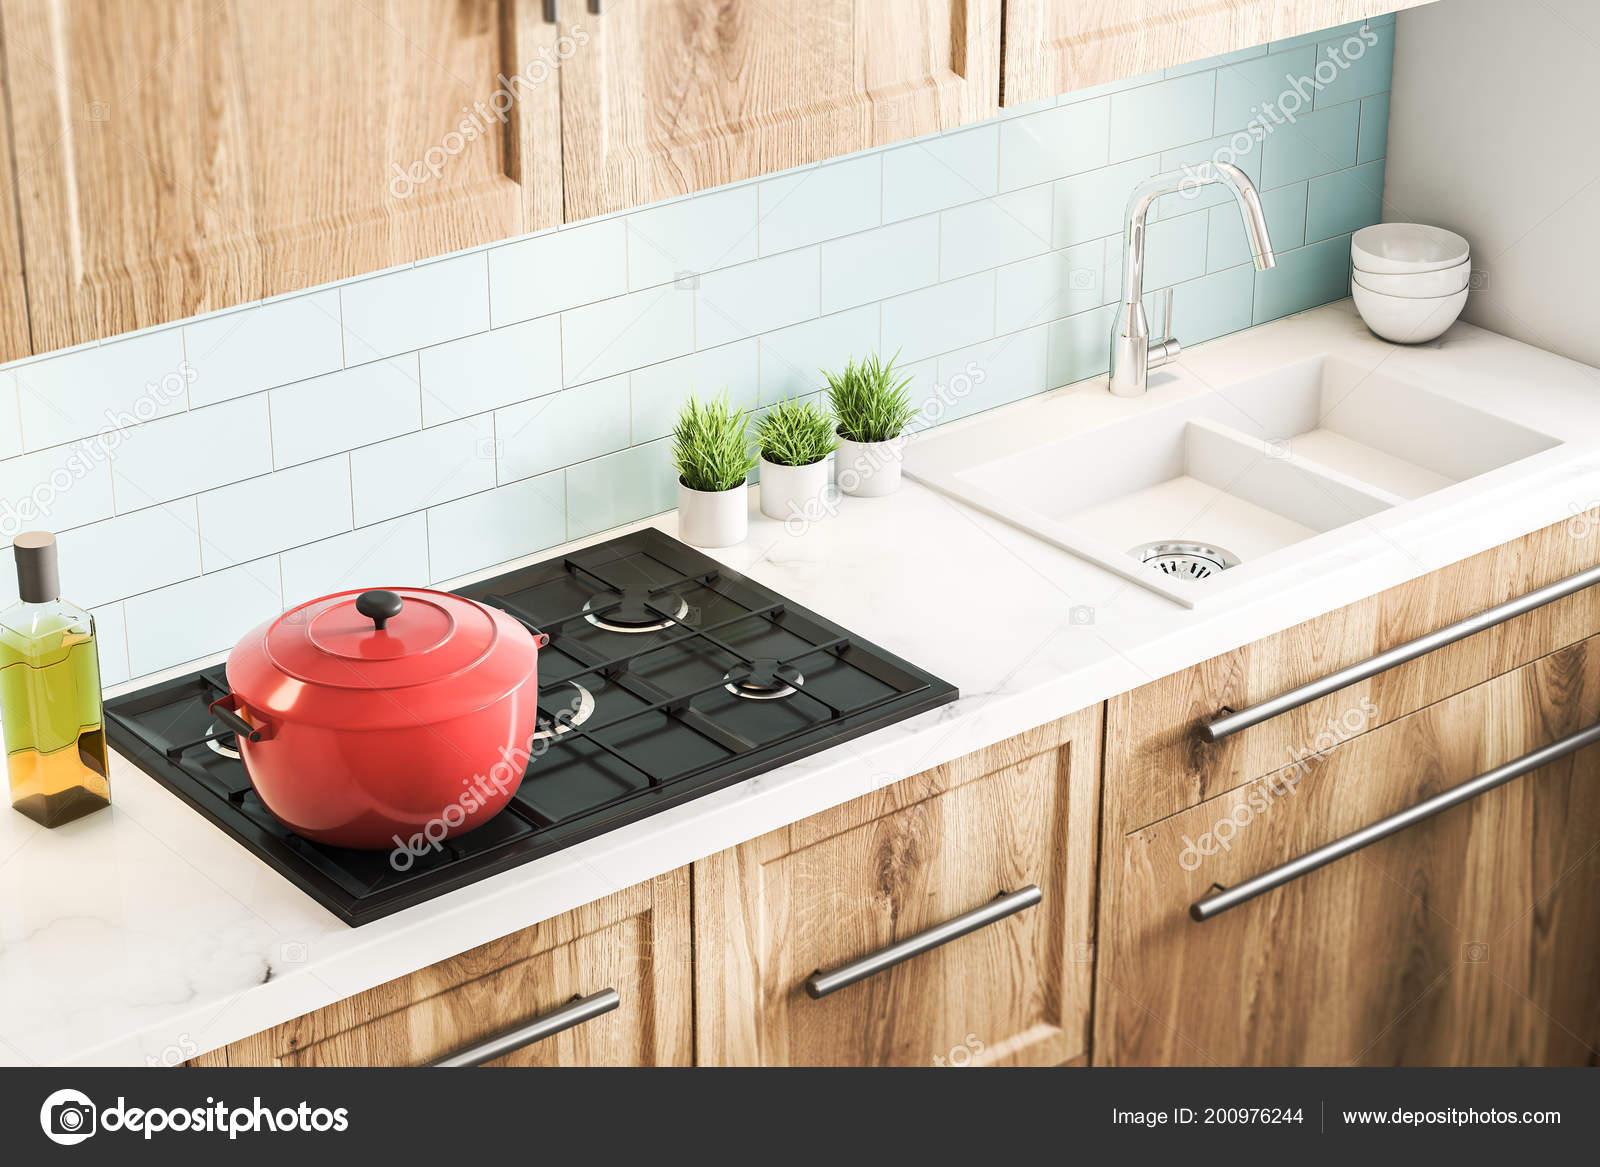 Ripiani In Legno Per Armadi : Mattonelle blu interiore della cucina con ripiani legno armadi